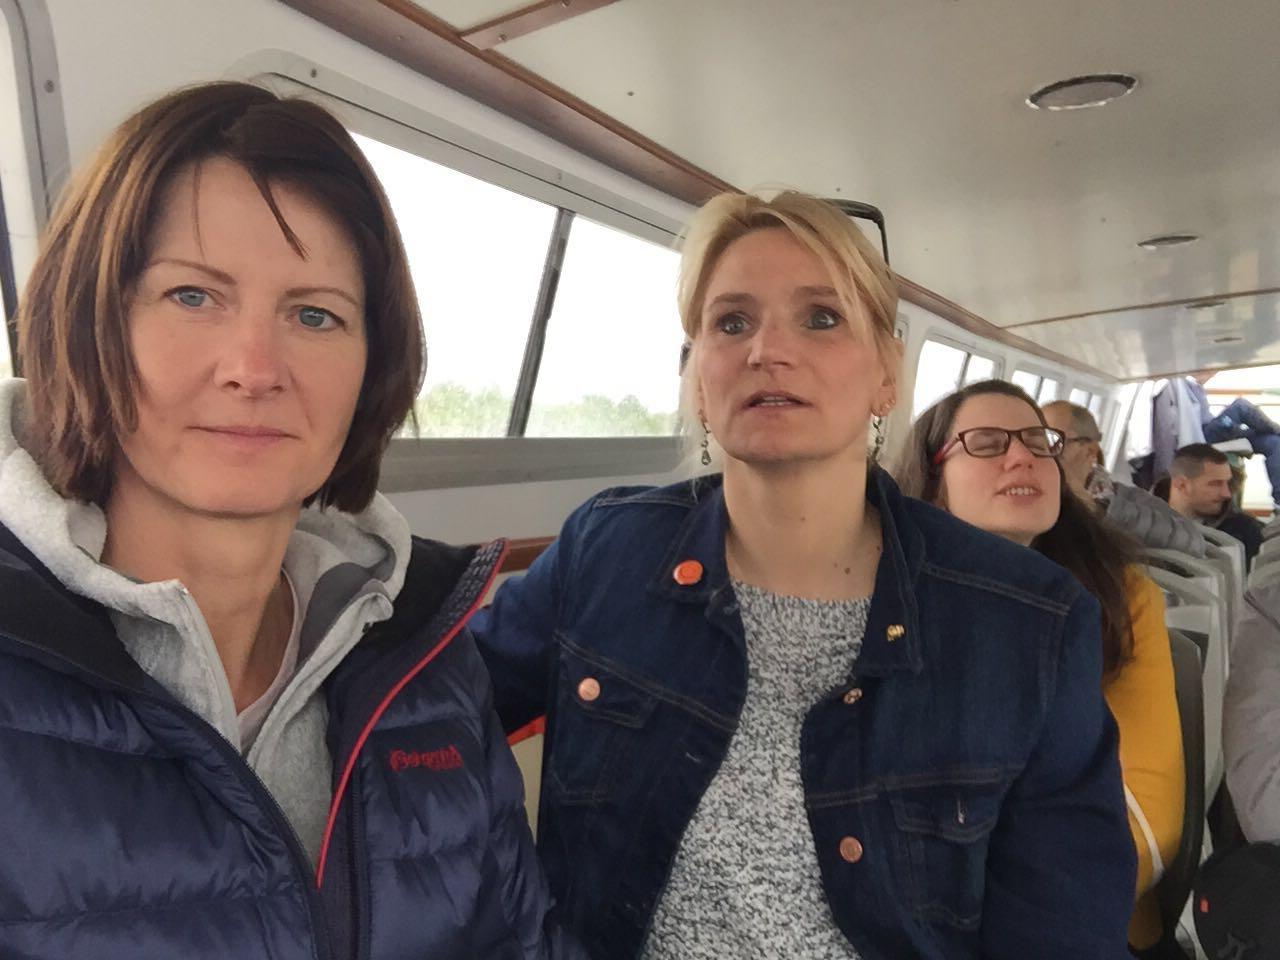 und auch auf dem Taxiboot wird ein Selfie gemacht